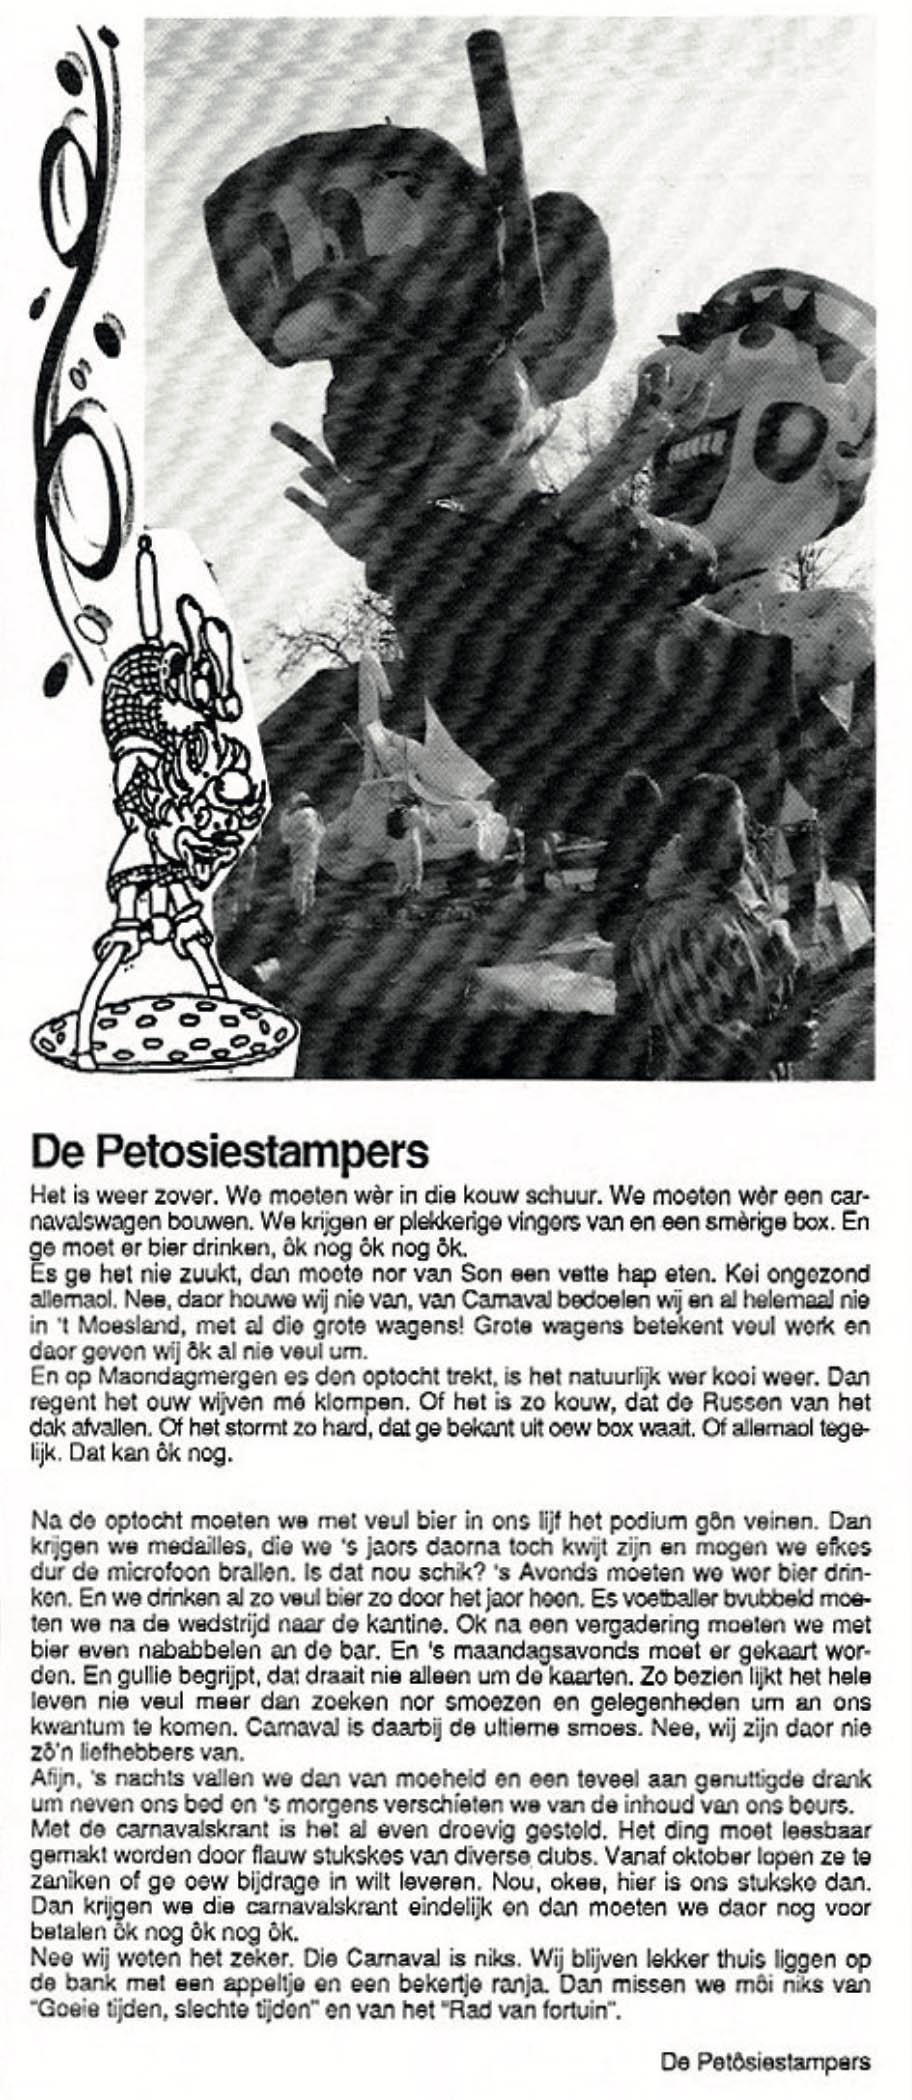 Stukje uit de carnavalskrant van de Petôsiestampers - 1996